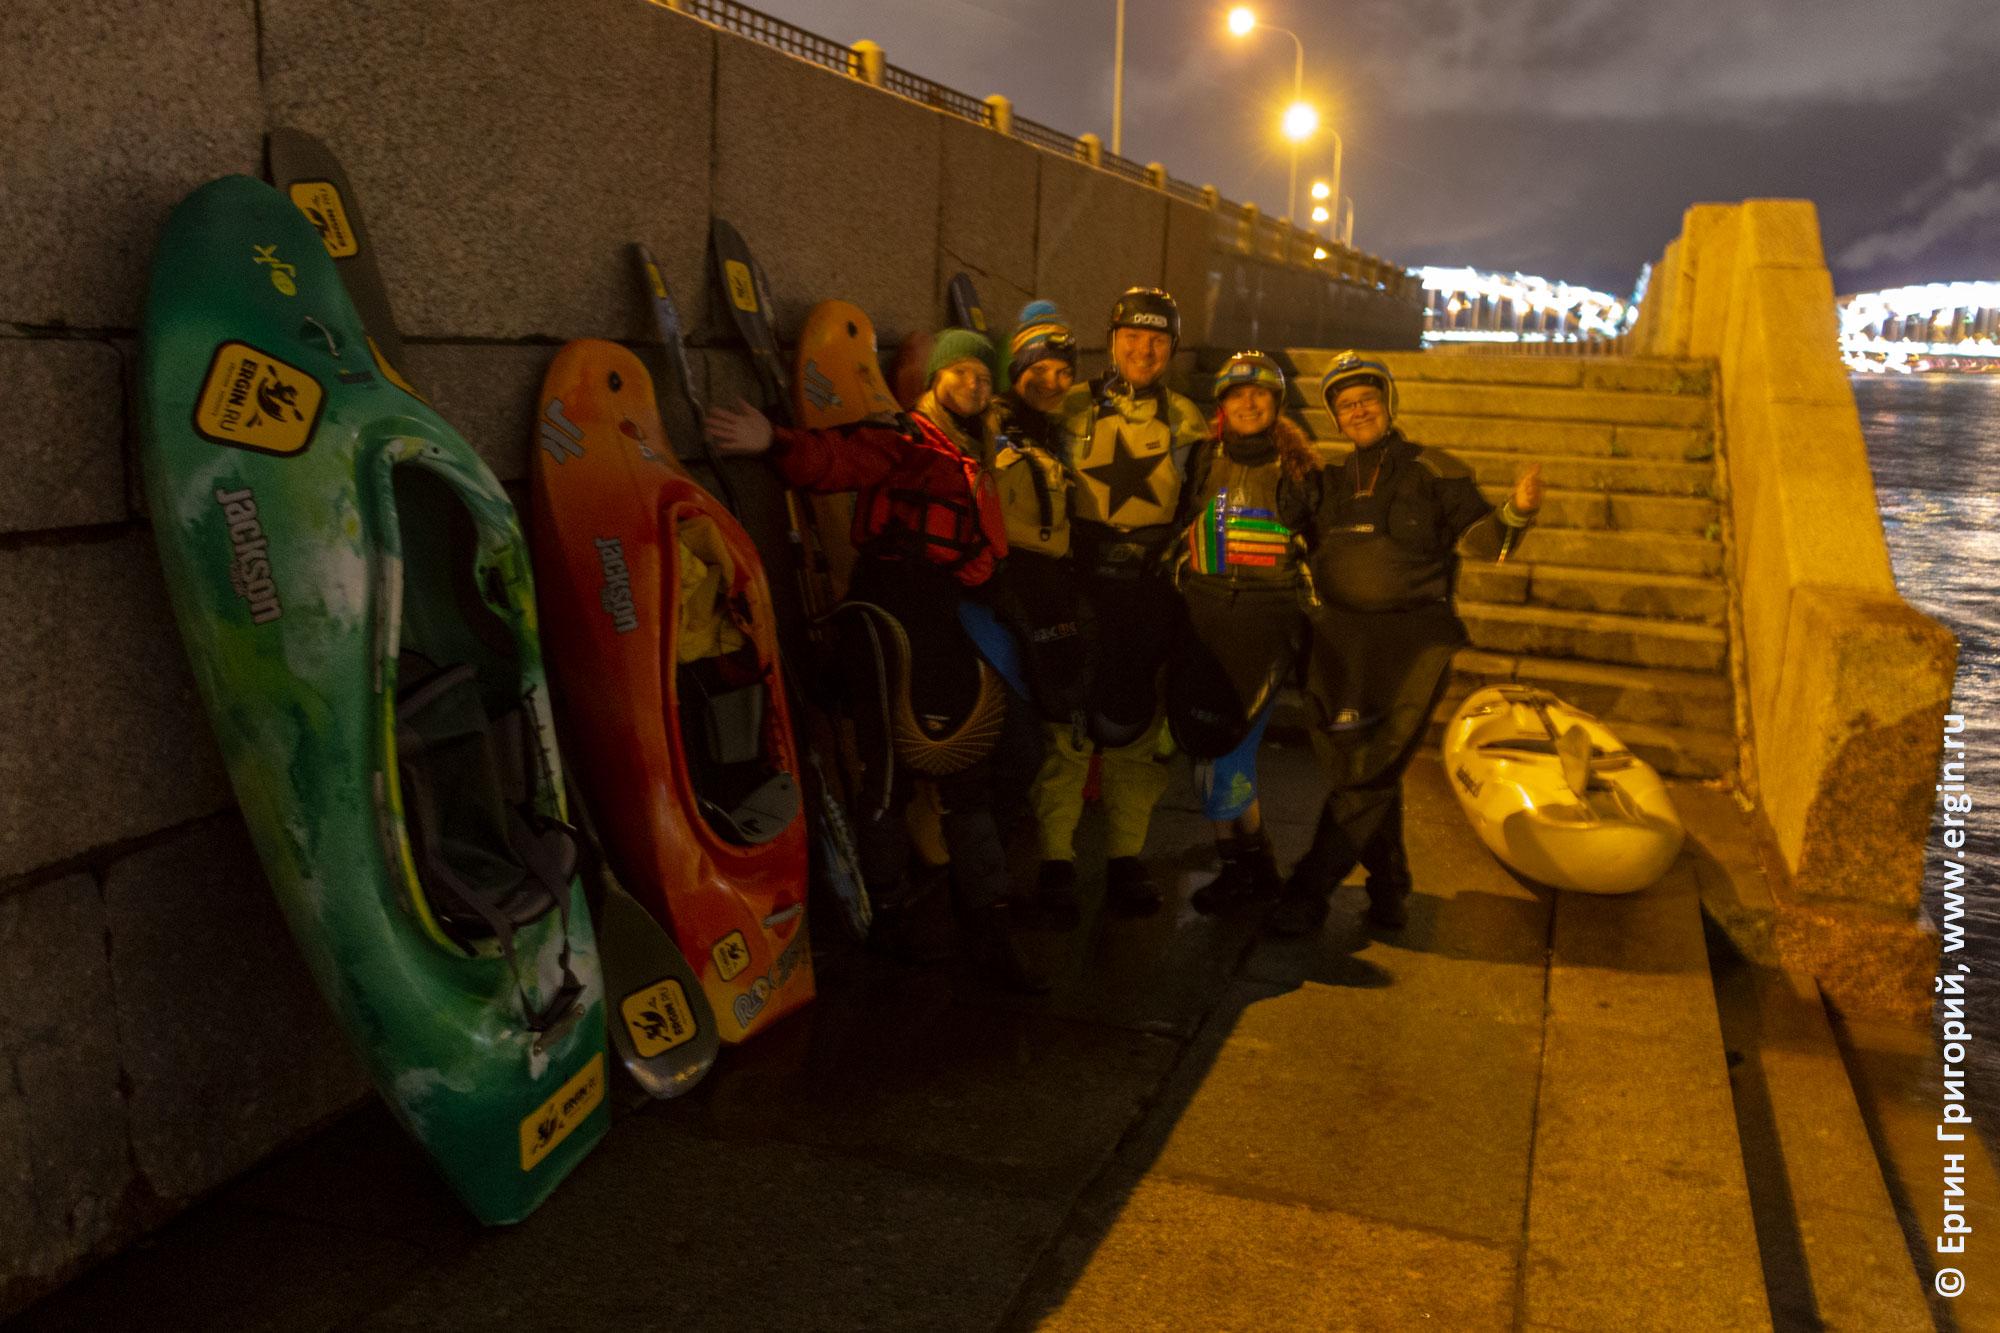 Каякеры с каяками на набережной в Санкт-Петербурге